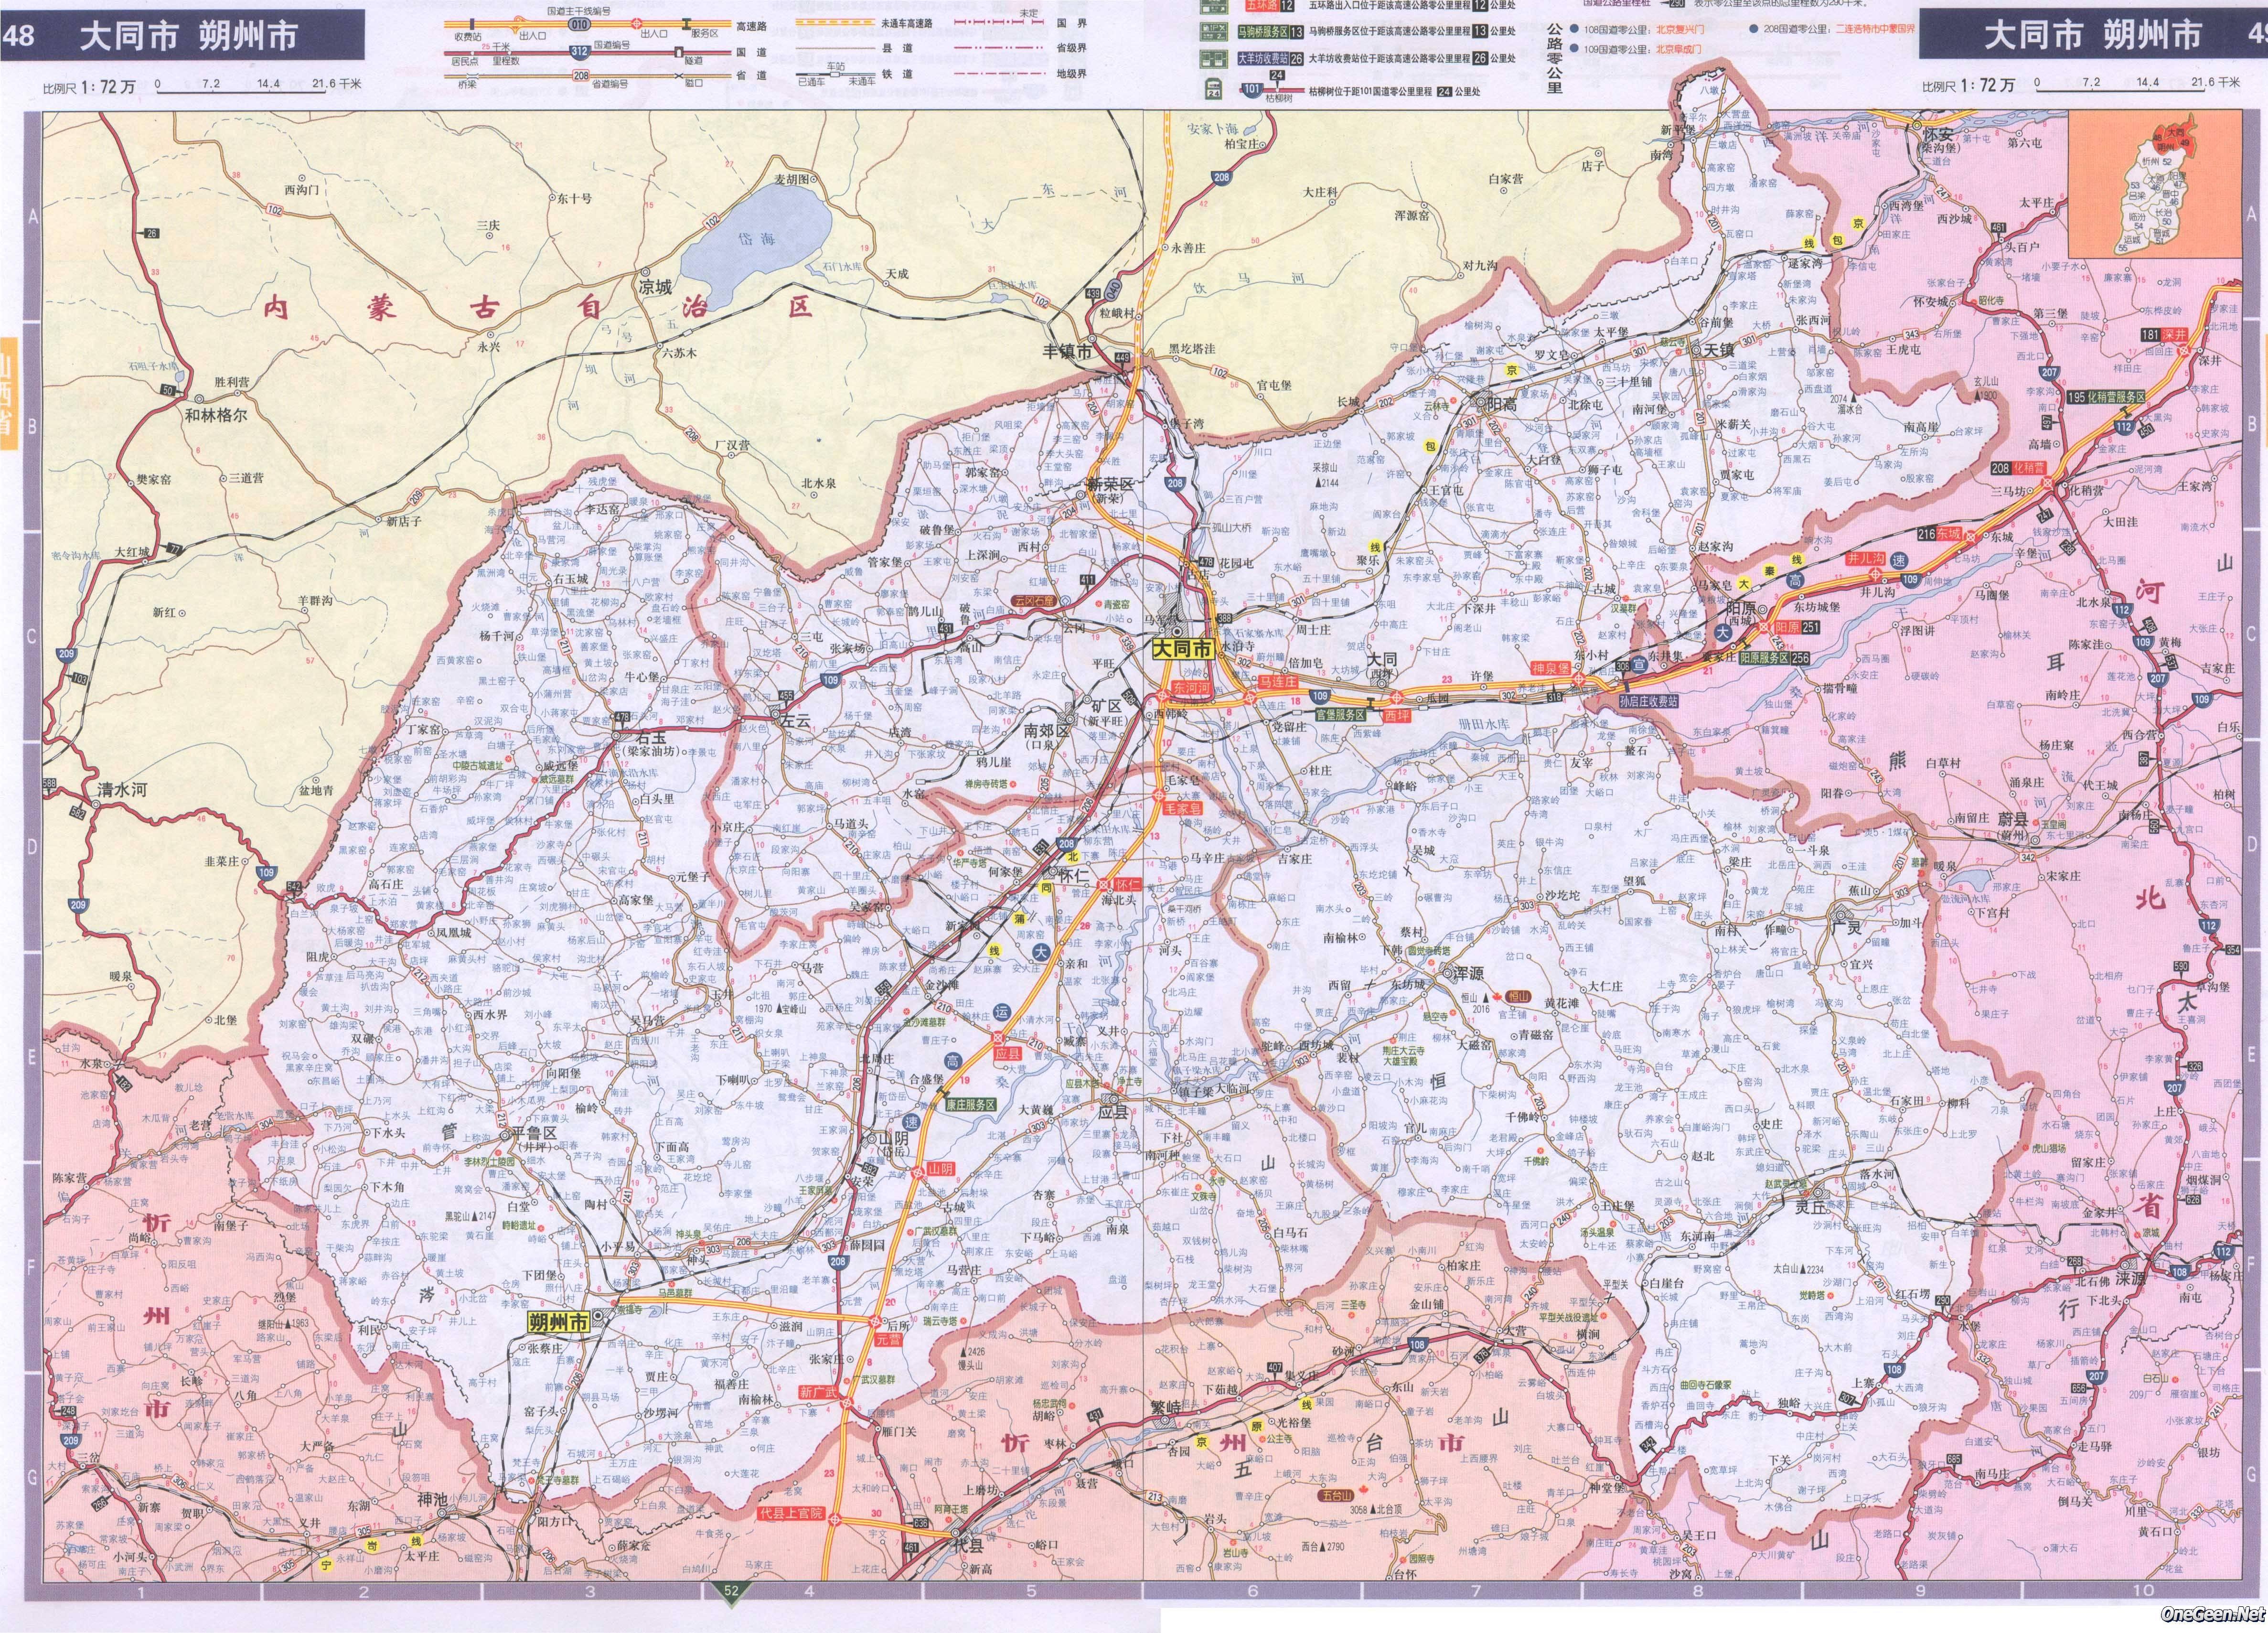 山西朔州地图 山西省大同市朔州市公路交通